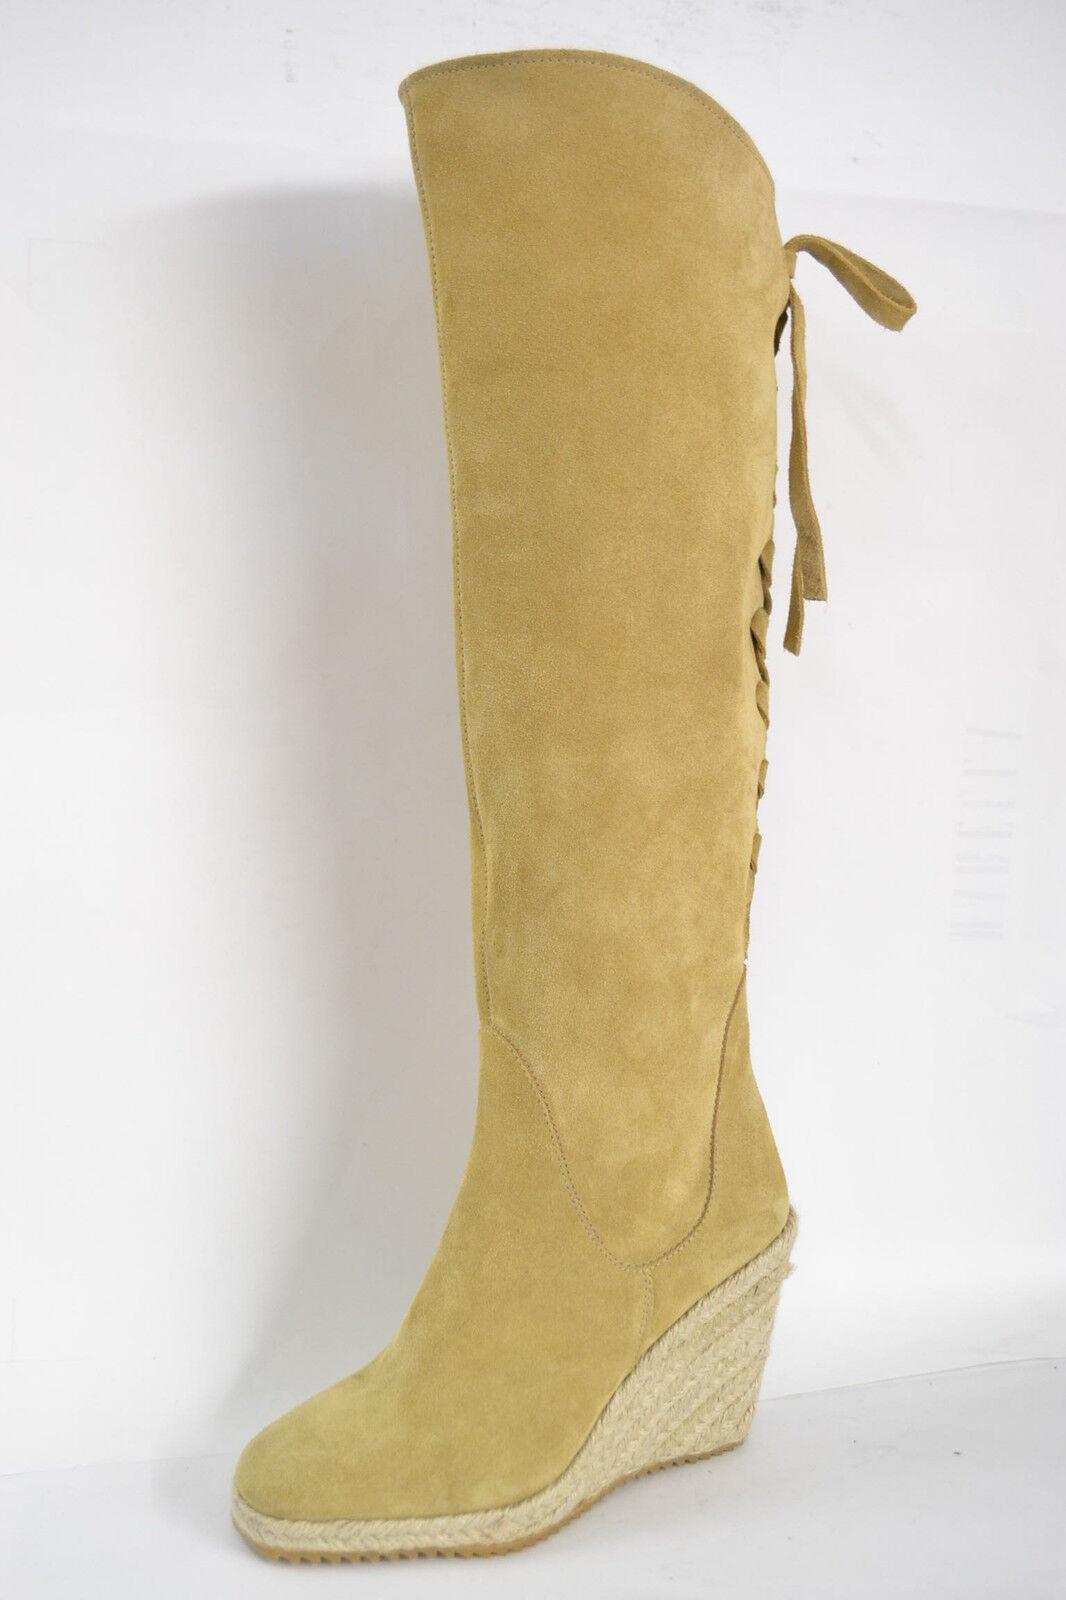 Grandes zapatos con descuento SCARPE STIVALI ITALIA DONNA VERA PELLE SCAMOSCIATO BEIGE ZEPPA CORDA ARTIGIANALI